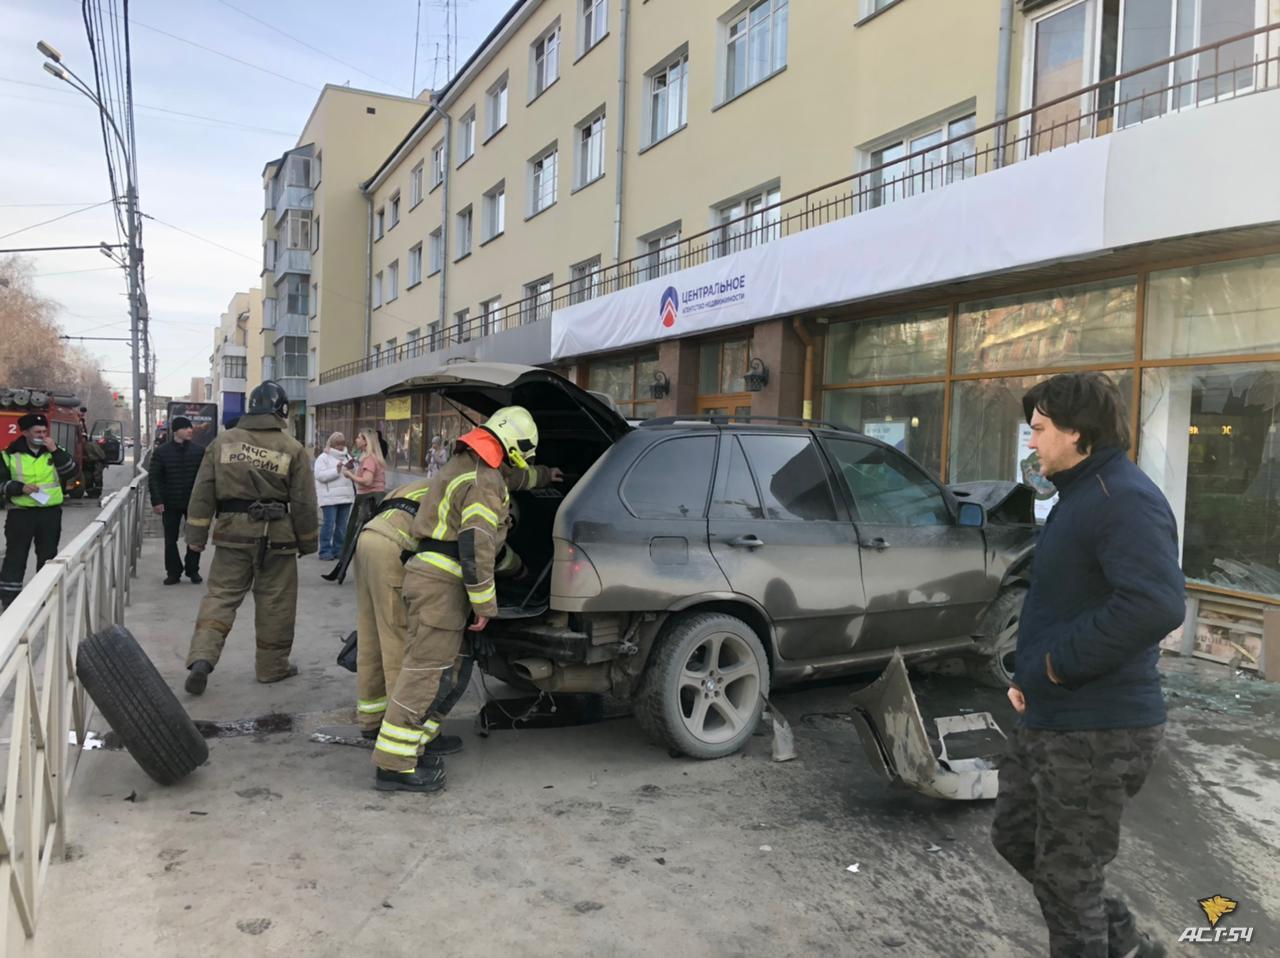 фото BMW X5 сбил пешеходов и врезался в здание в центре Новосибирска 3